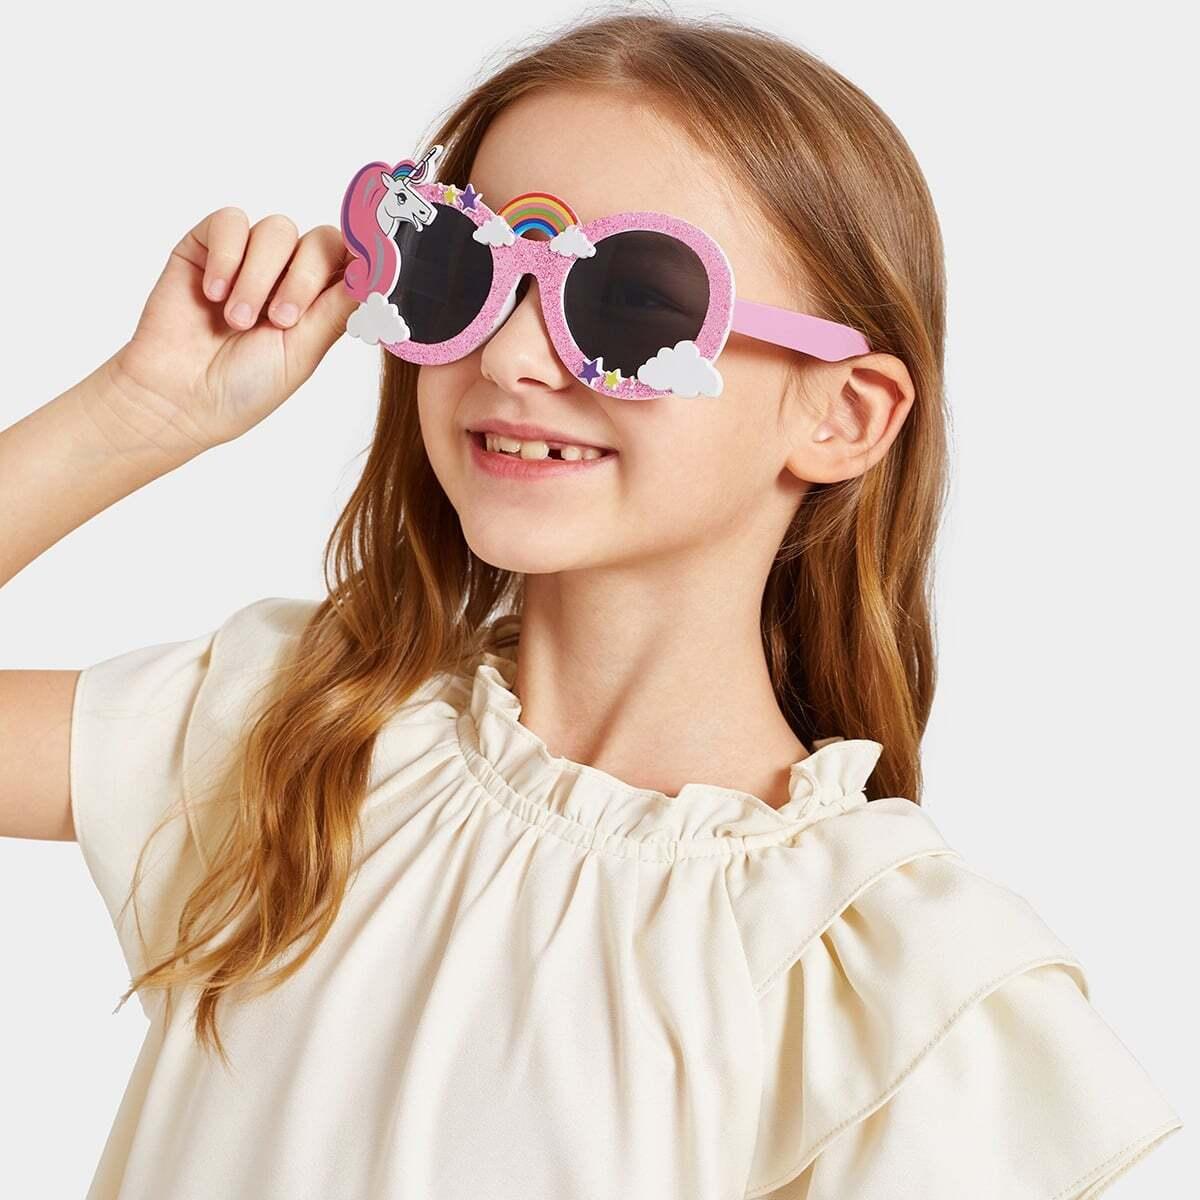 Солнцезащитные очки с украшением мультяшных животных для девочек